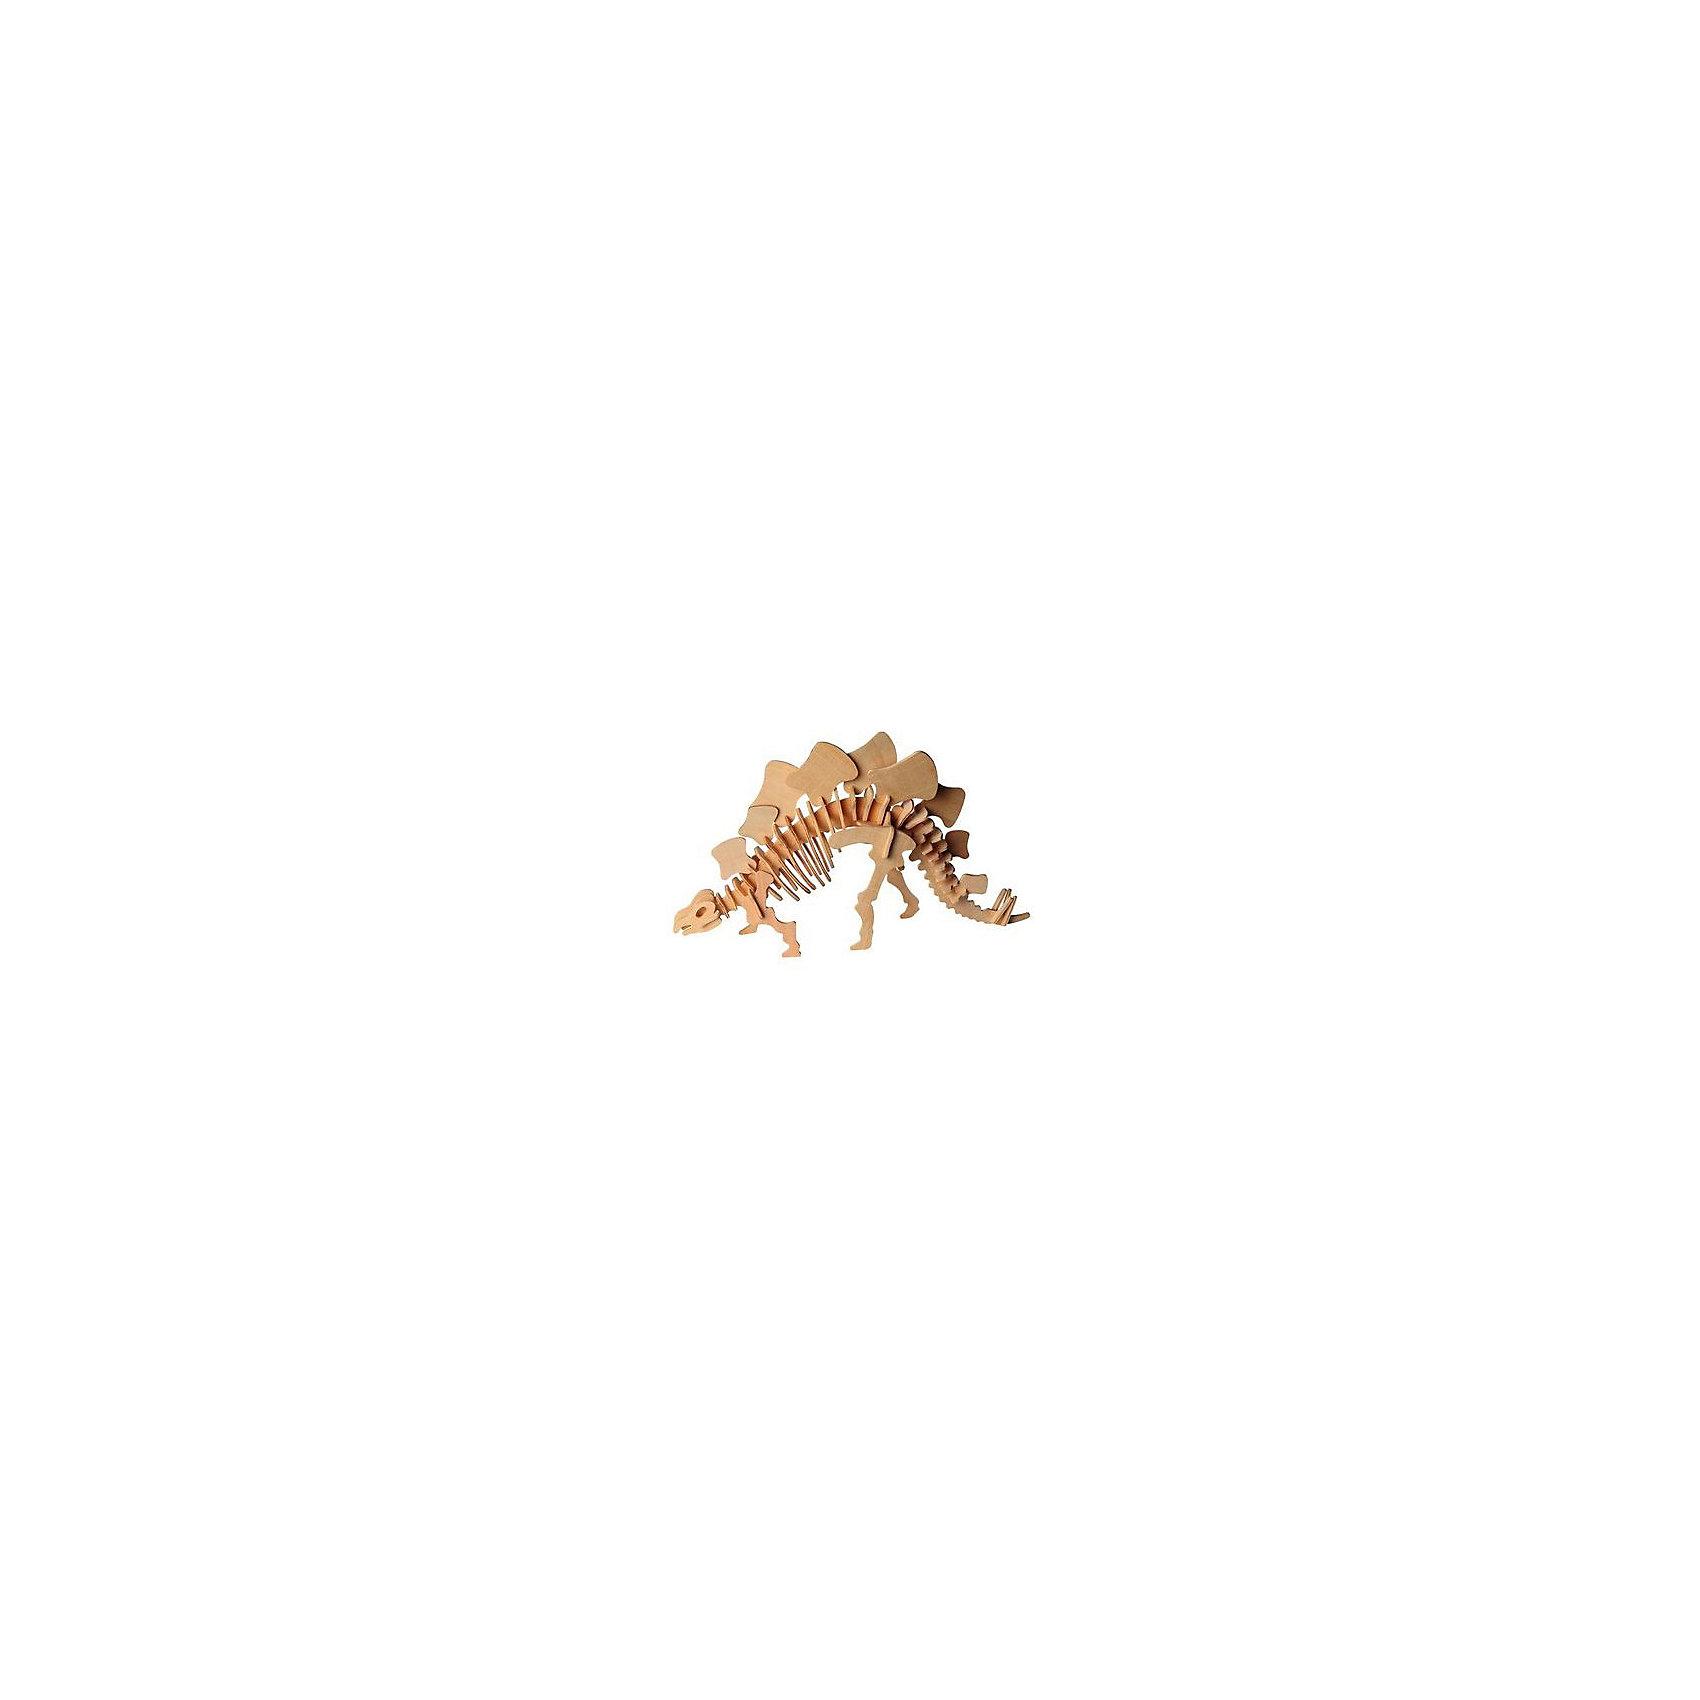 Стегозавр (2 серия Ж), Мир деревянных игрушекРукоделие<br>Бренд Мир деревянных игрушек дает ребенку возможность самому сделать красивую деревянную фигуру! Специально для любящих творчество и интересующихся вымершими животными были разработаны эти 3D-пазлы. Из них получаются красивые очень реалистичные фигуры, которые могут стать украшением комнаты.<br>Собирая их, ребенок будет учиться соотносить фигуры, развивать пространственное мышление, память и мелкую моторику. А раскрашивая готовое произведение, дети научатся подбирать цвета и будут развивать художественные навыки. Этот набор произведен из качественных и безопасных для детей материалов - дерево тщательно обработано.<br><br>Дополнительная информация:<br><br>материал: дерево;<br>цвет: бежевый;<br>элементы: пластины с деталями для сборки;<br>размер упаковки: 23 х 18 см.<br><br>3D-пазл Стегозавр (2 серия Ж) от бренда Мир деревянных игрушек можно купить в нашем магазине.<br><br>Ширина мм: 225<br>Глубина мм: 30<br>Высота мм: 180<br>Вес г: 846<br>Возраст от месяцев: 36<br>Возраст до месяцев: 144<br>Пол: Унисекс<br>Возраст: Детский<br>SKU: 4969048